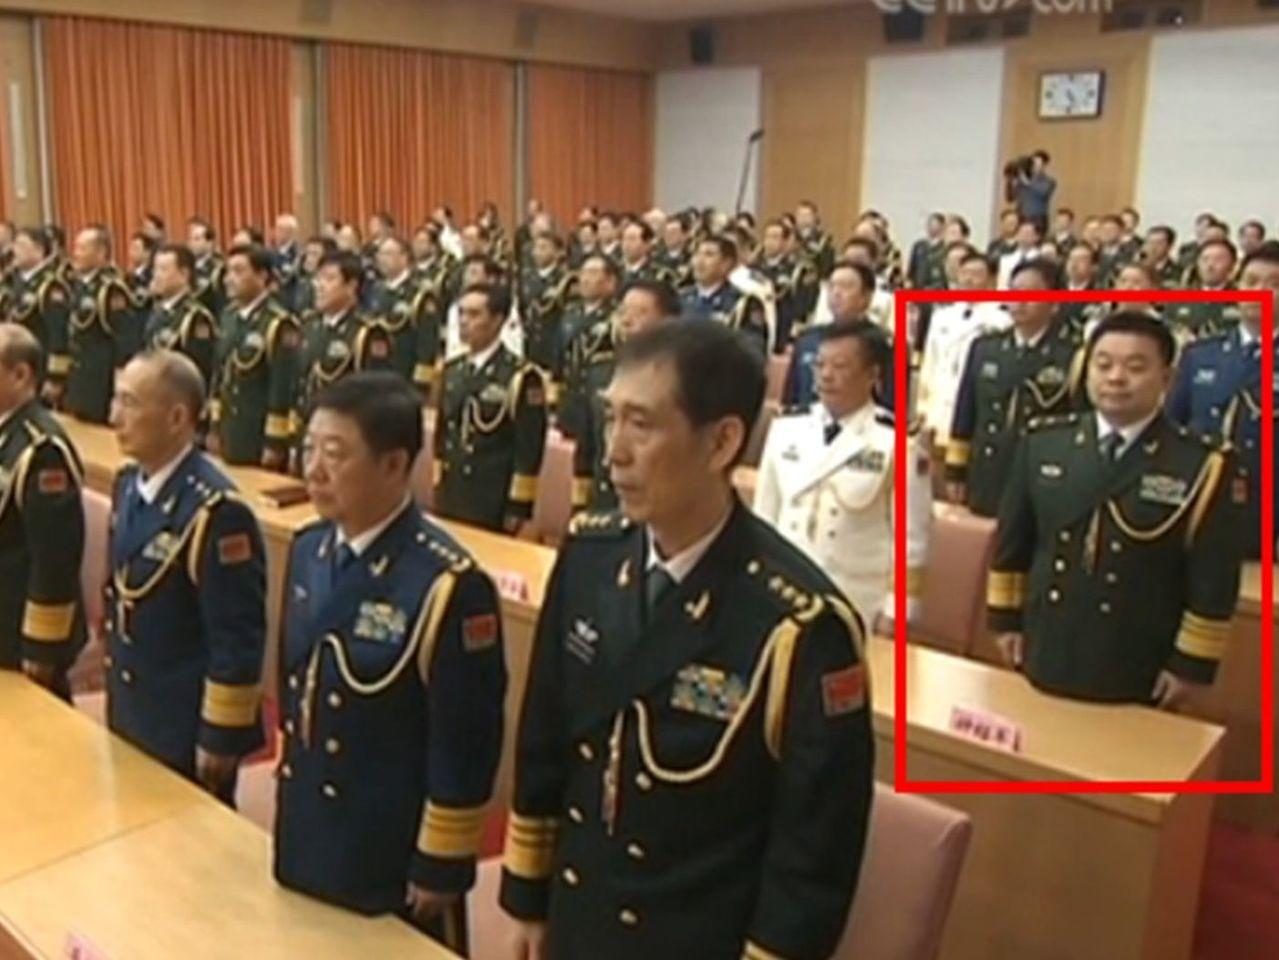 中國全國人大常委會27日公布一份解放軍選舉委員會主任、副主任、委員名單,據報導,...